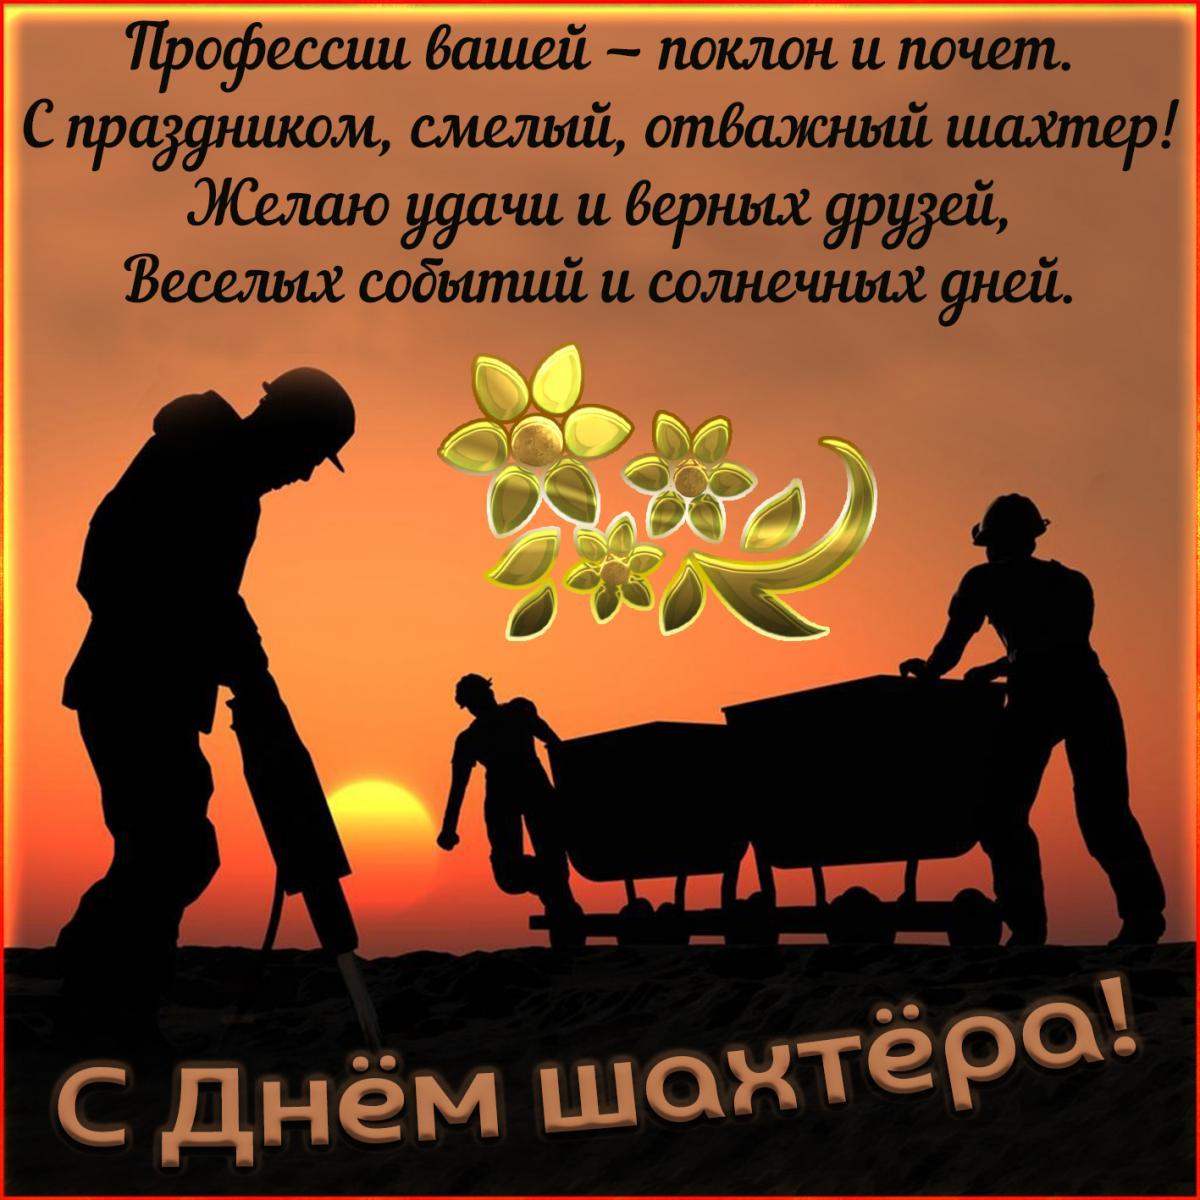 С Днем шахтера поздравления / фото bonnycards.ru